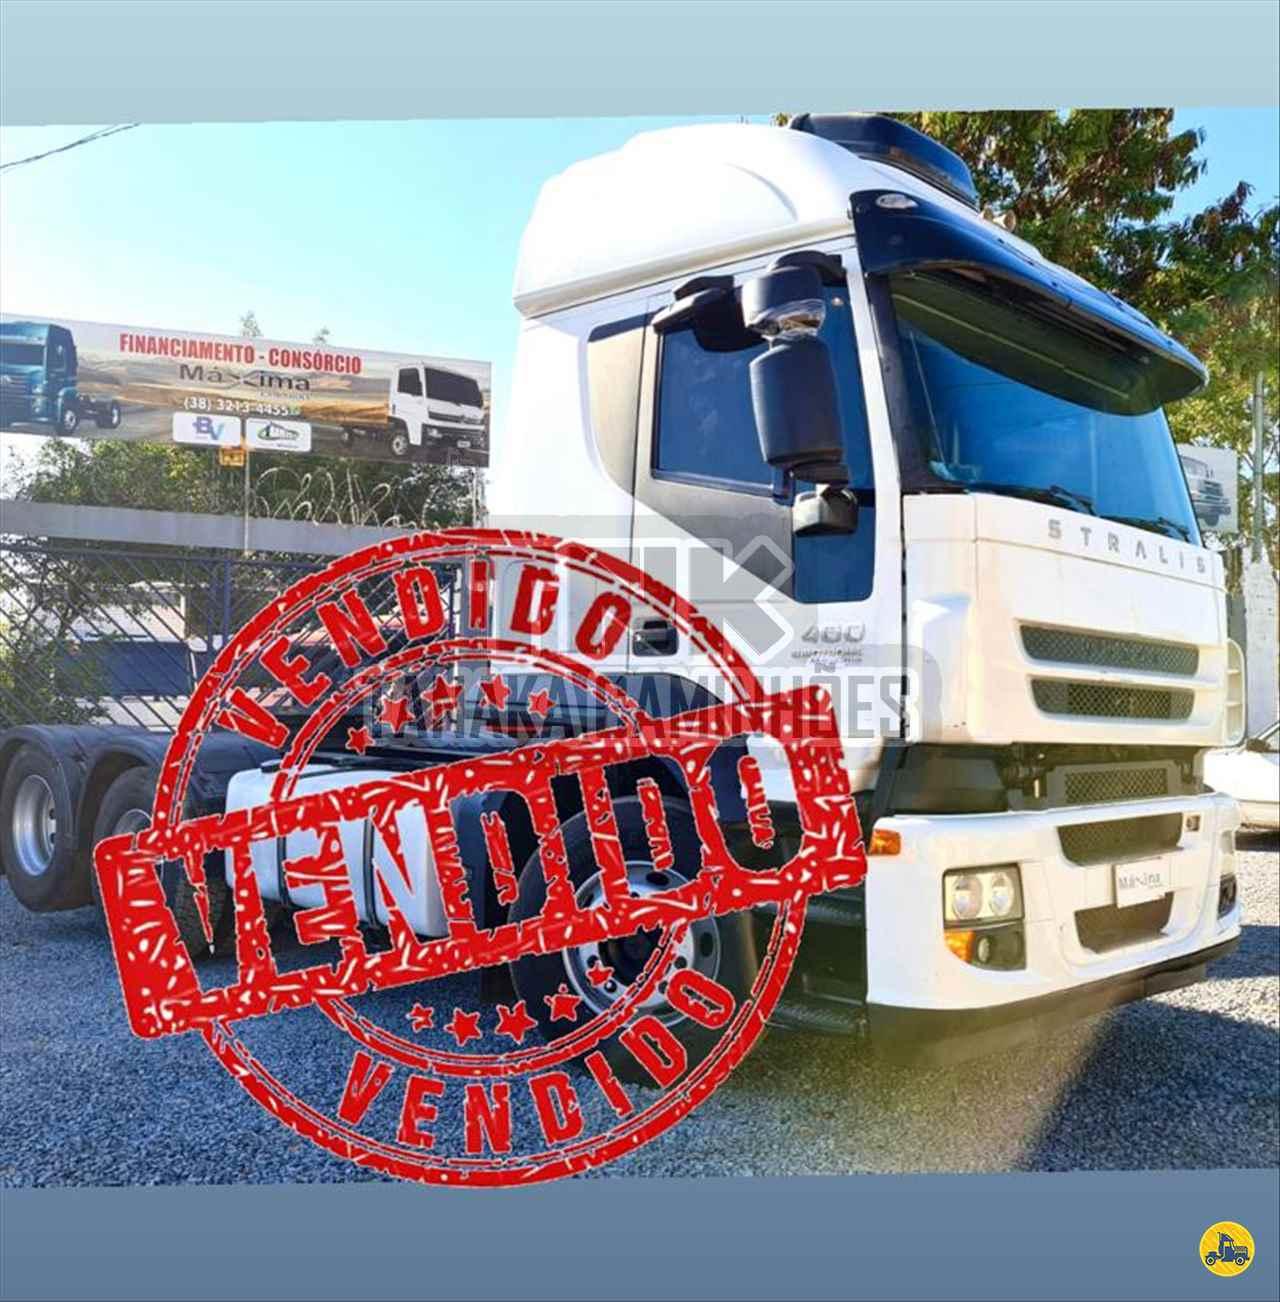 CAMINHAO IVECO STRALIS 400 Chassis Truck 6x2 Tanaka Caminhões MONTES CLAROS MINAS GERAIS MG